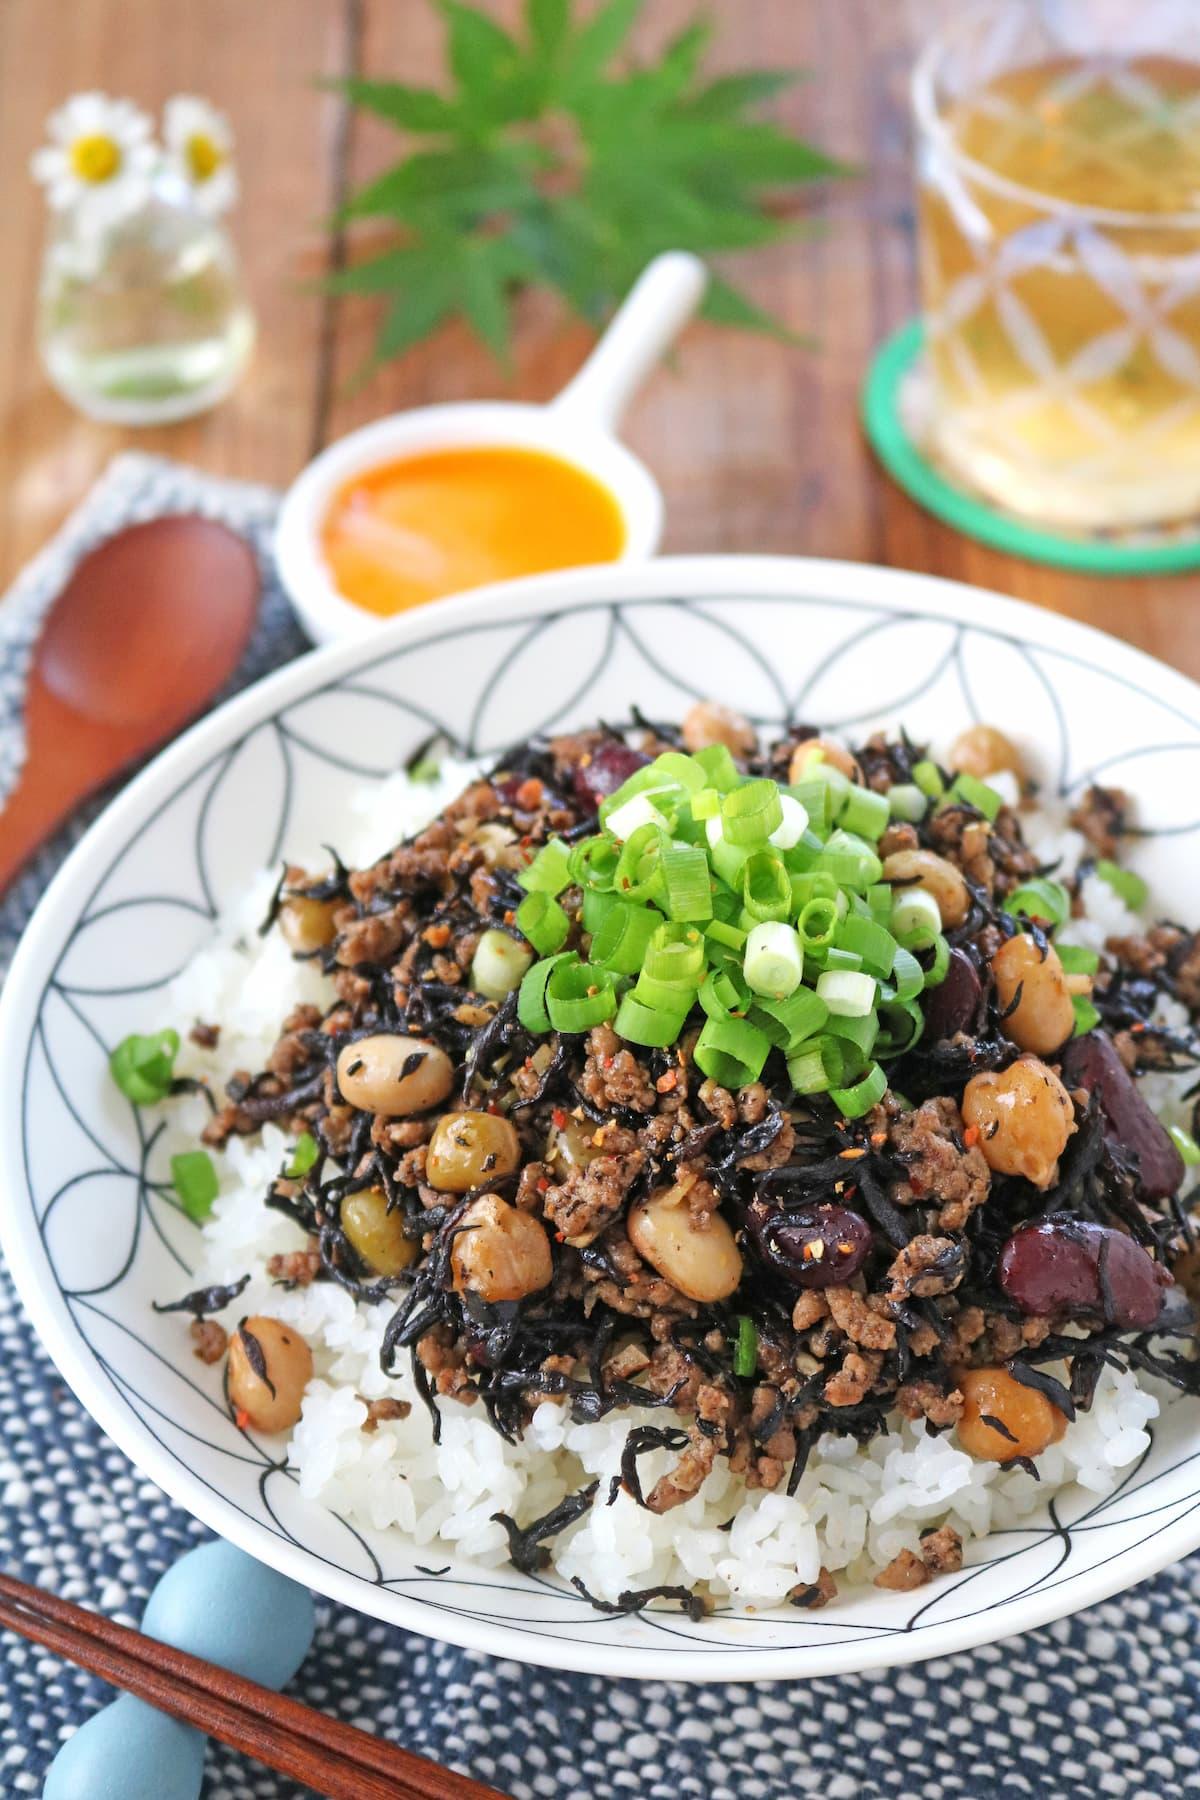 ヘルシーで栄養たっぷり♪「ひき肉とお豆の中華風ひじき炒めどんぶり」